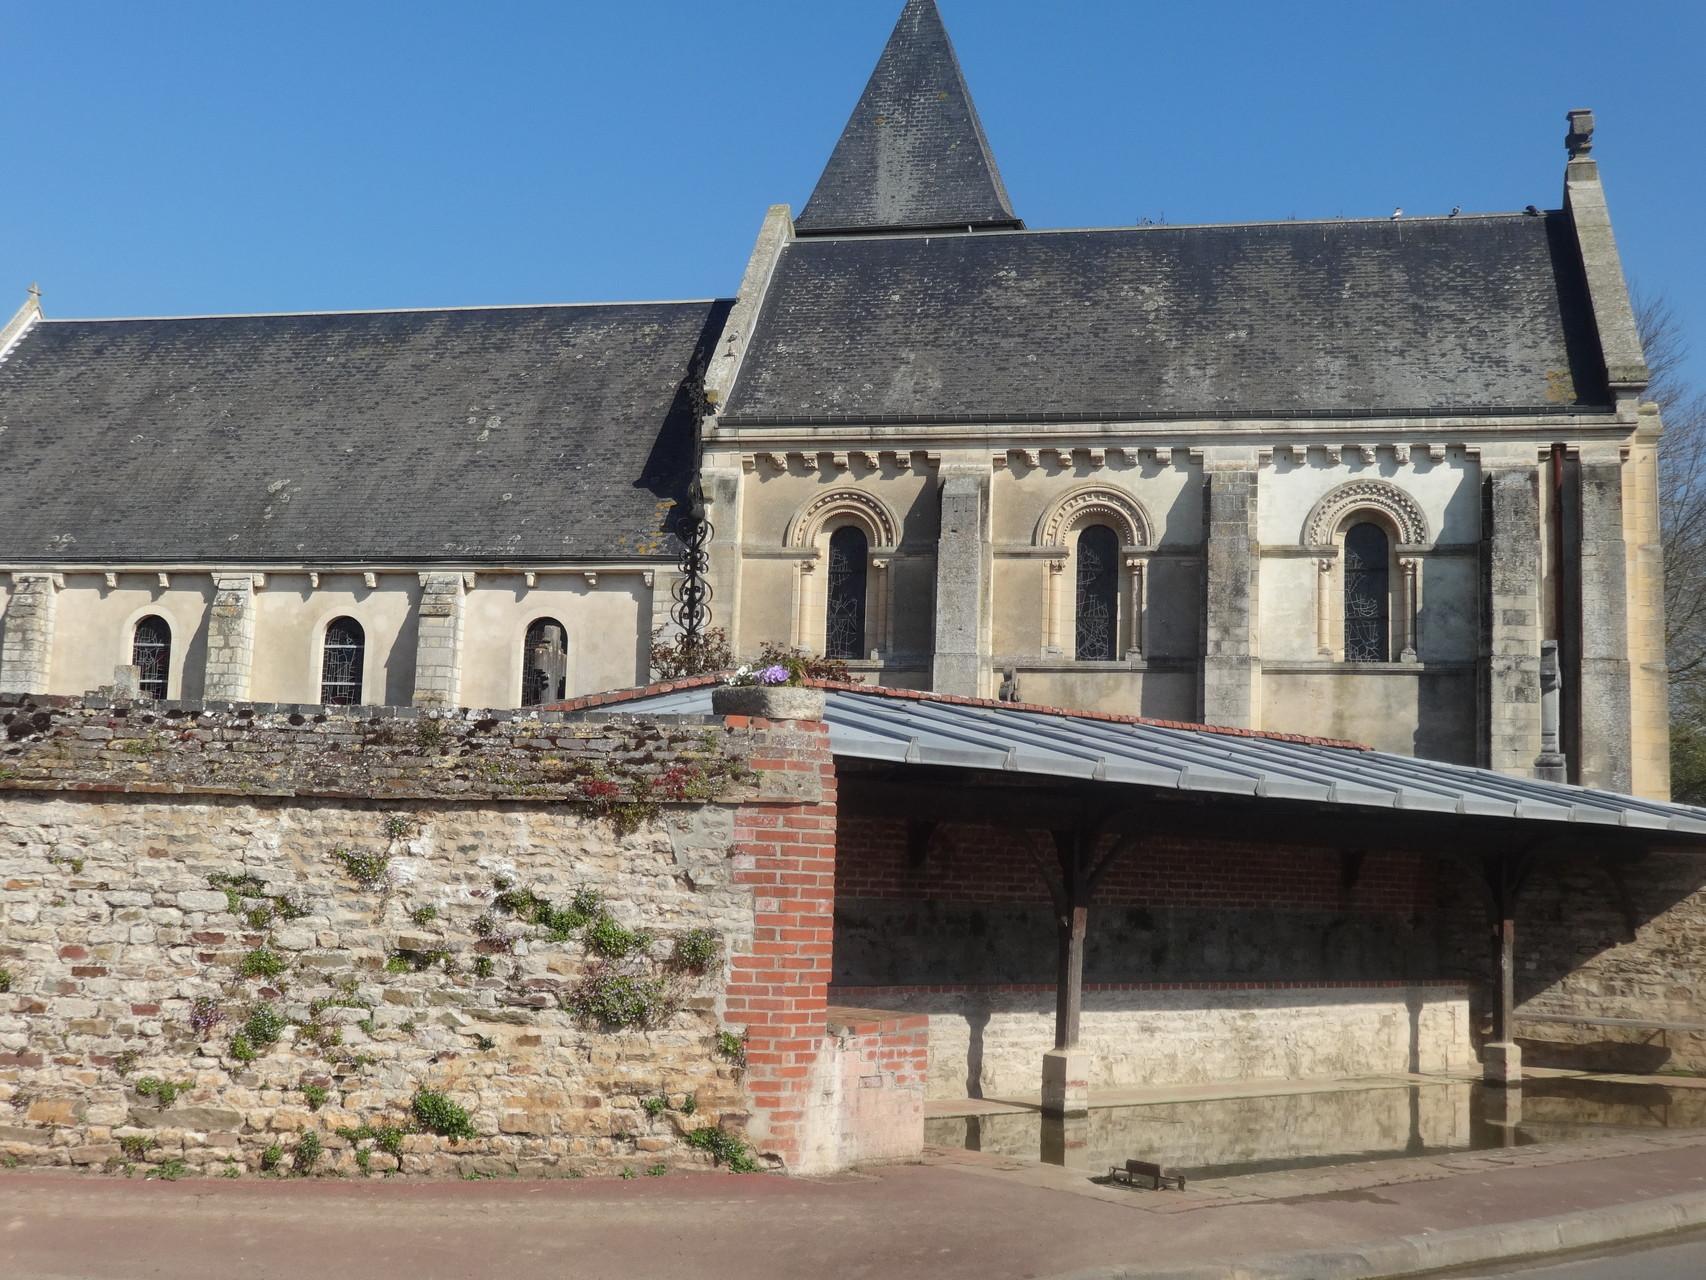 Eglise de Vieux et au 1er plan le lavoir de Vieux